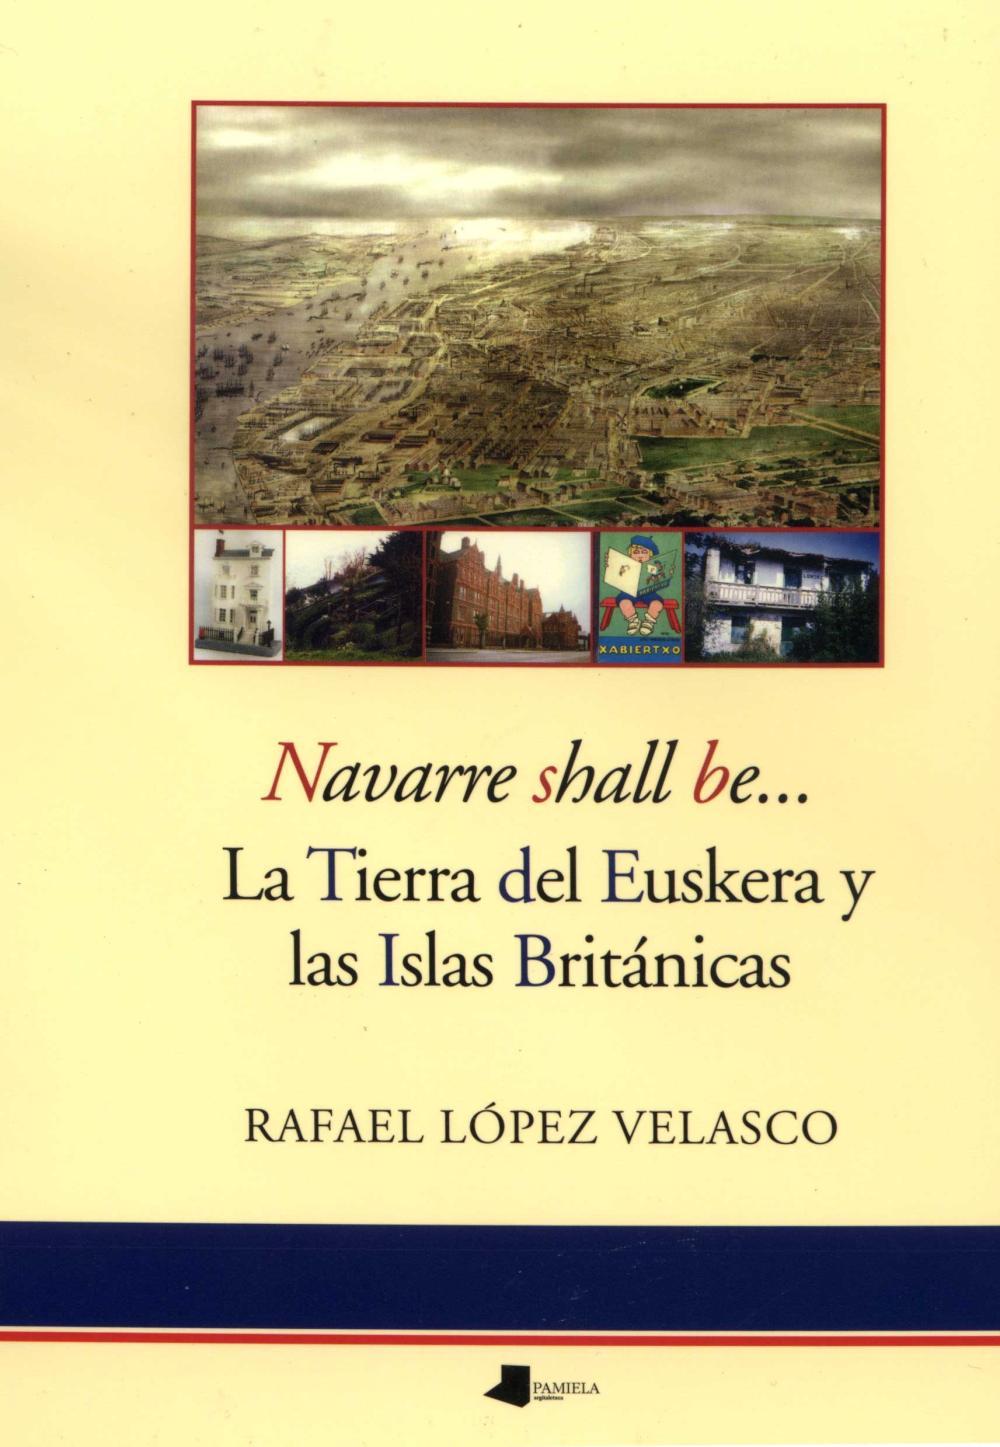 Navarre shall be... La Tierra del Euskera y las Islas Britönicas